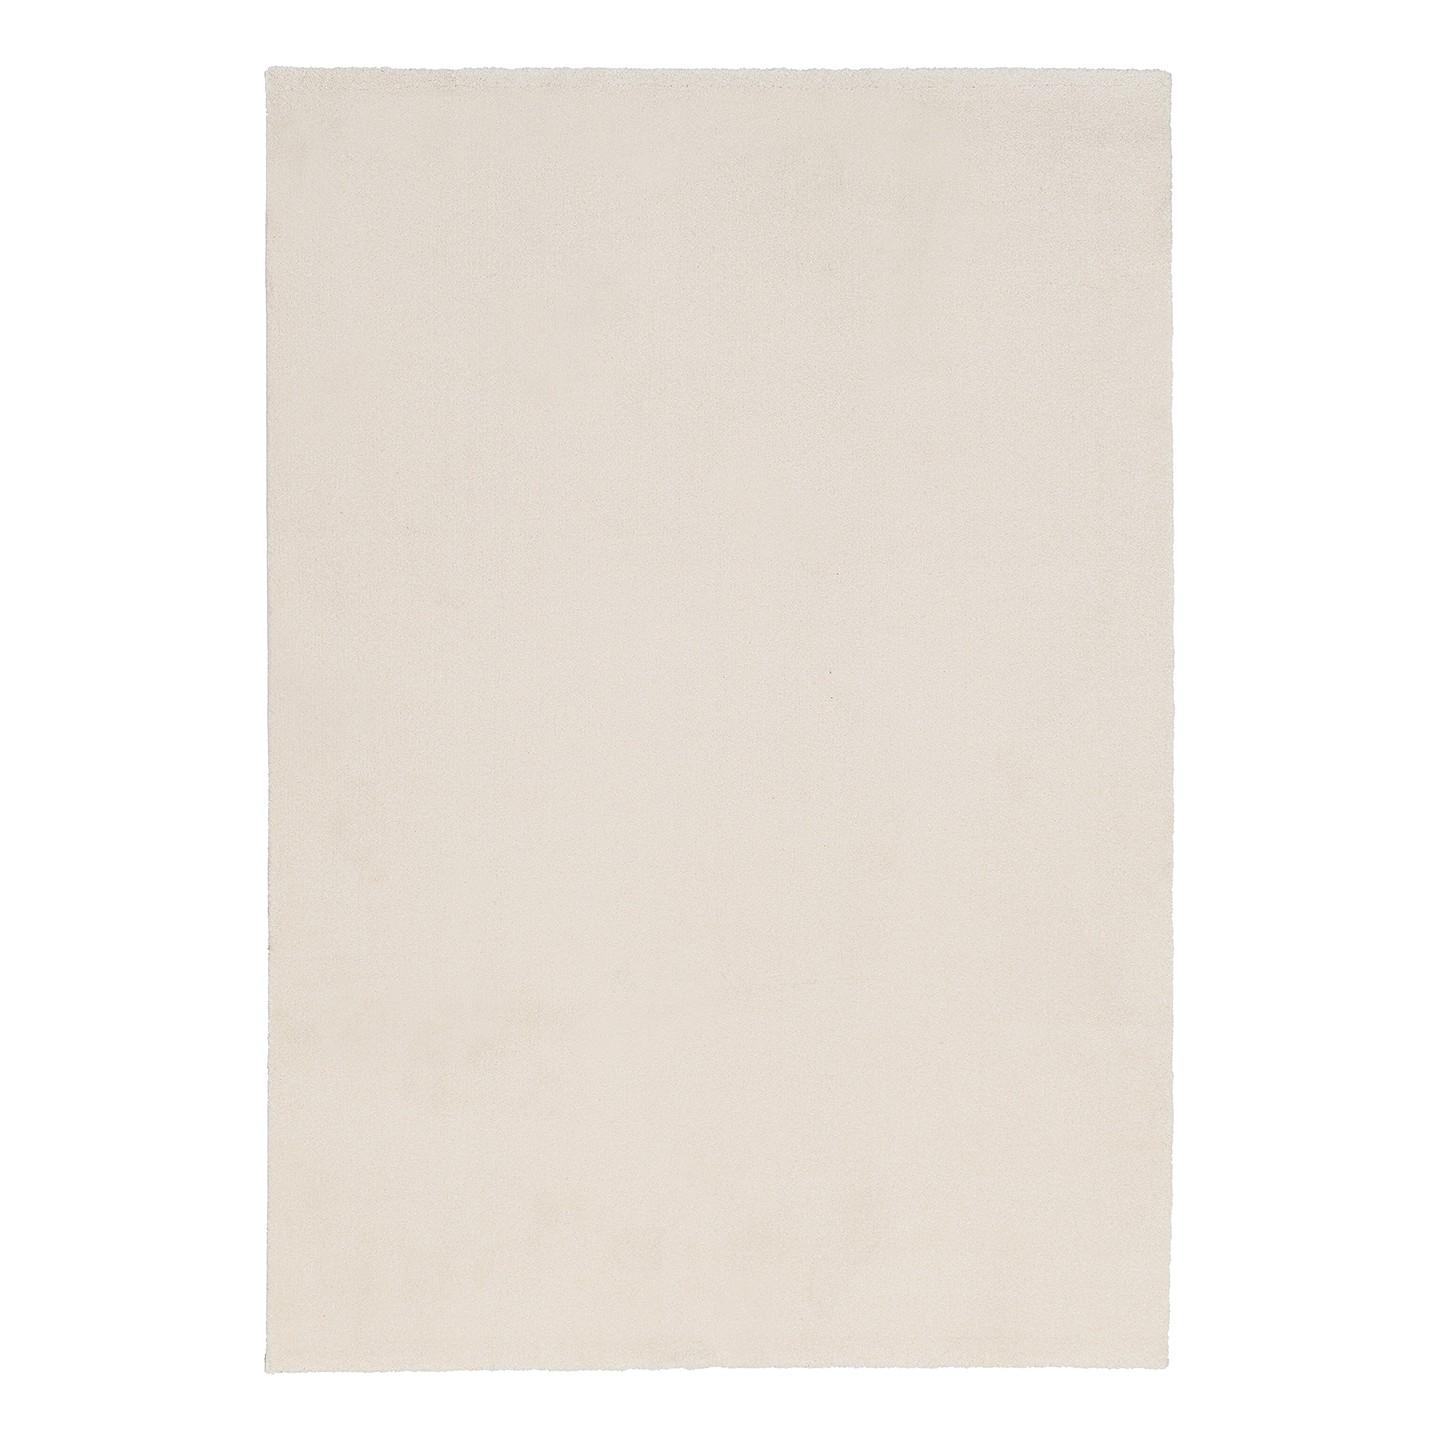 Teppich Melody - Kunstfaser - Cremeweiß - 133 x 190 cm, Schöner Wohnen Kollektion